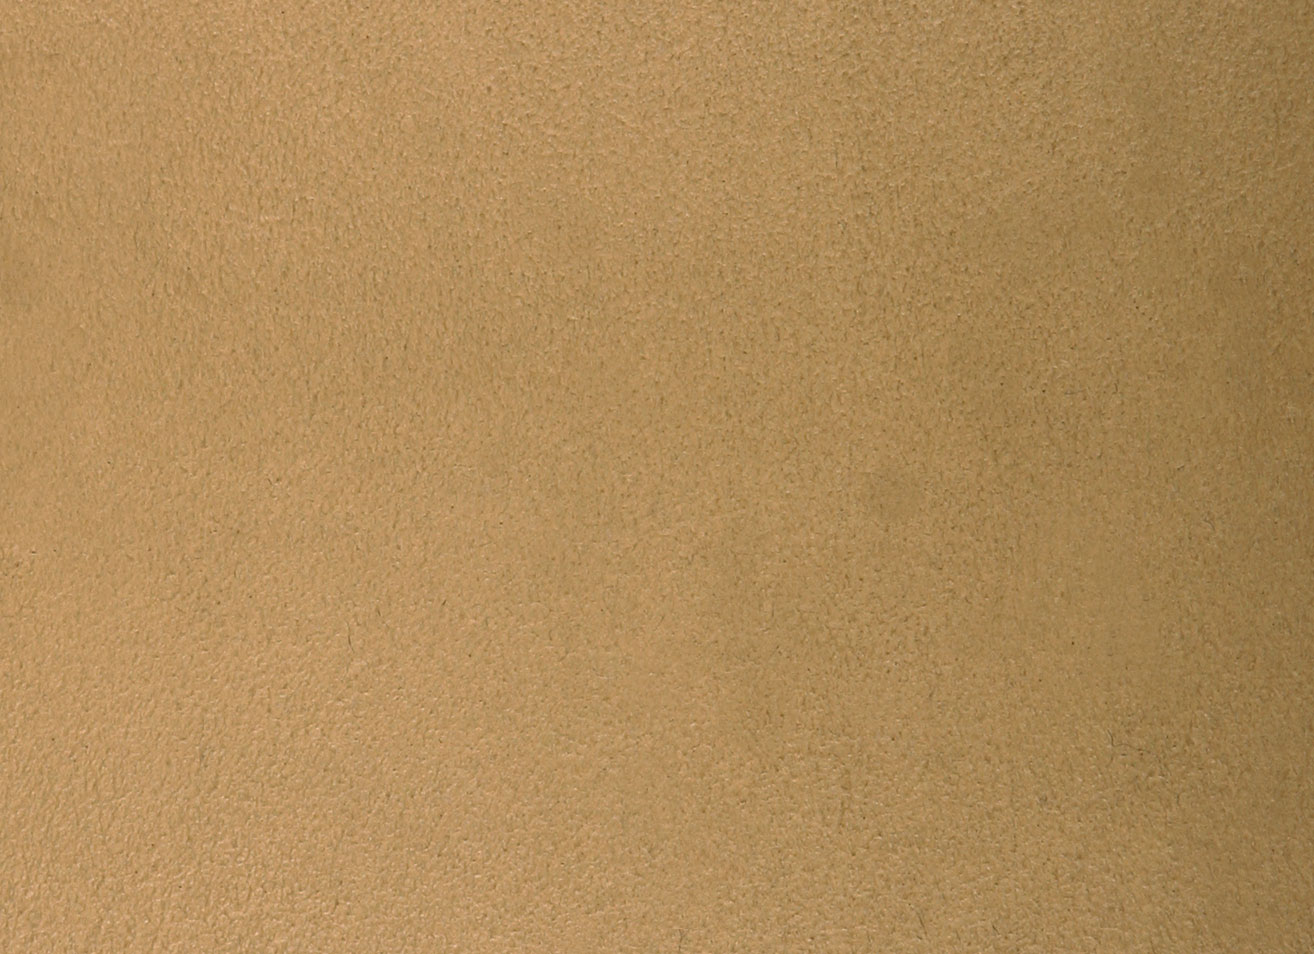 Pinturas efecto metalizado pintar - Pintura color oro ...